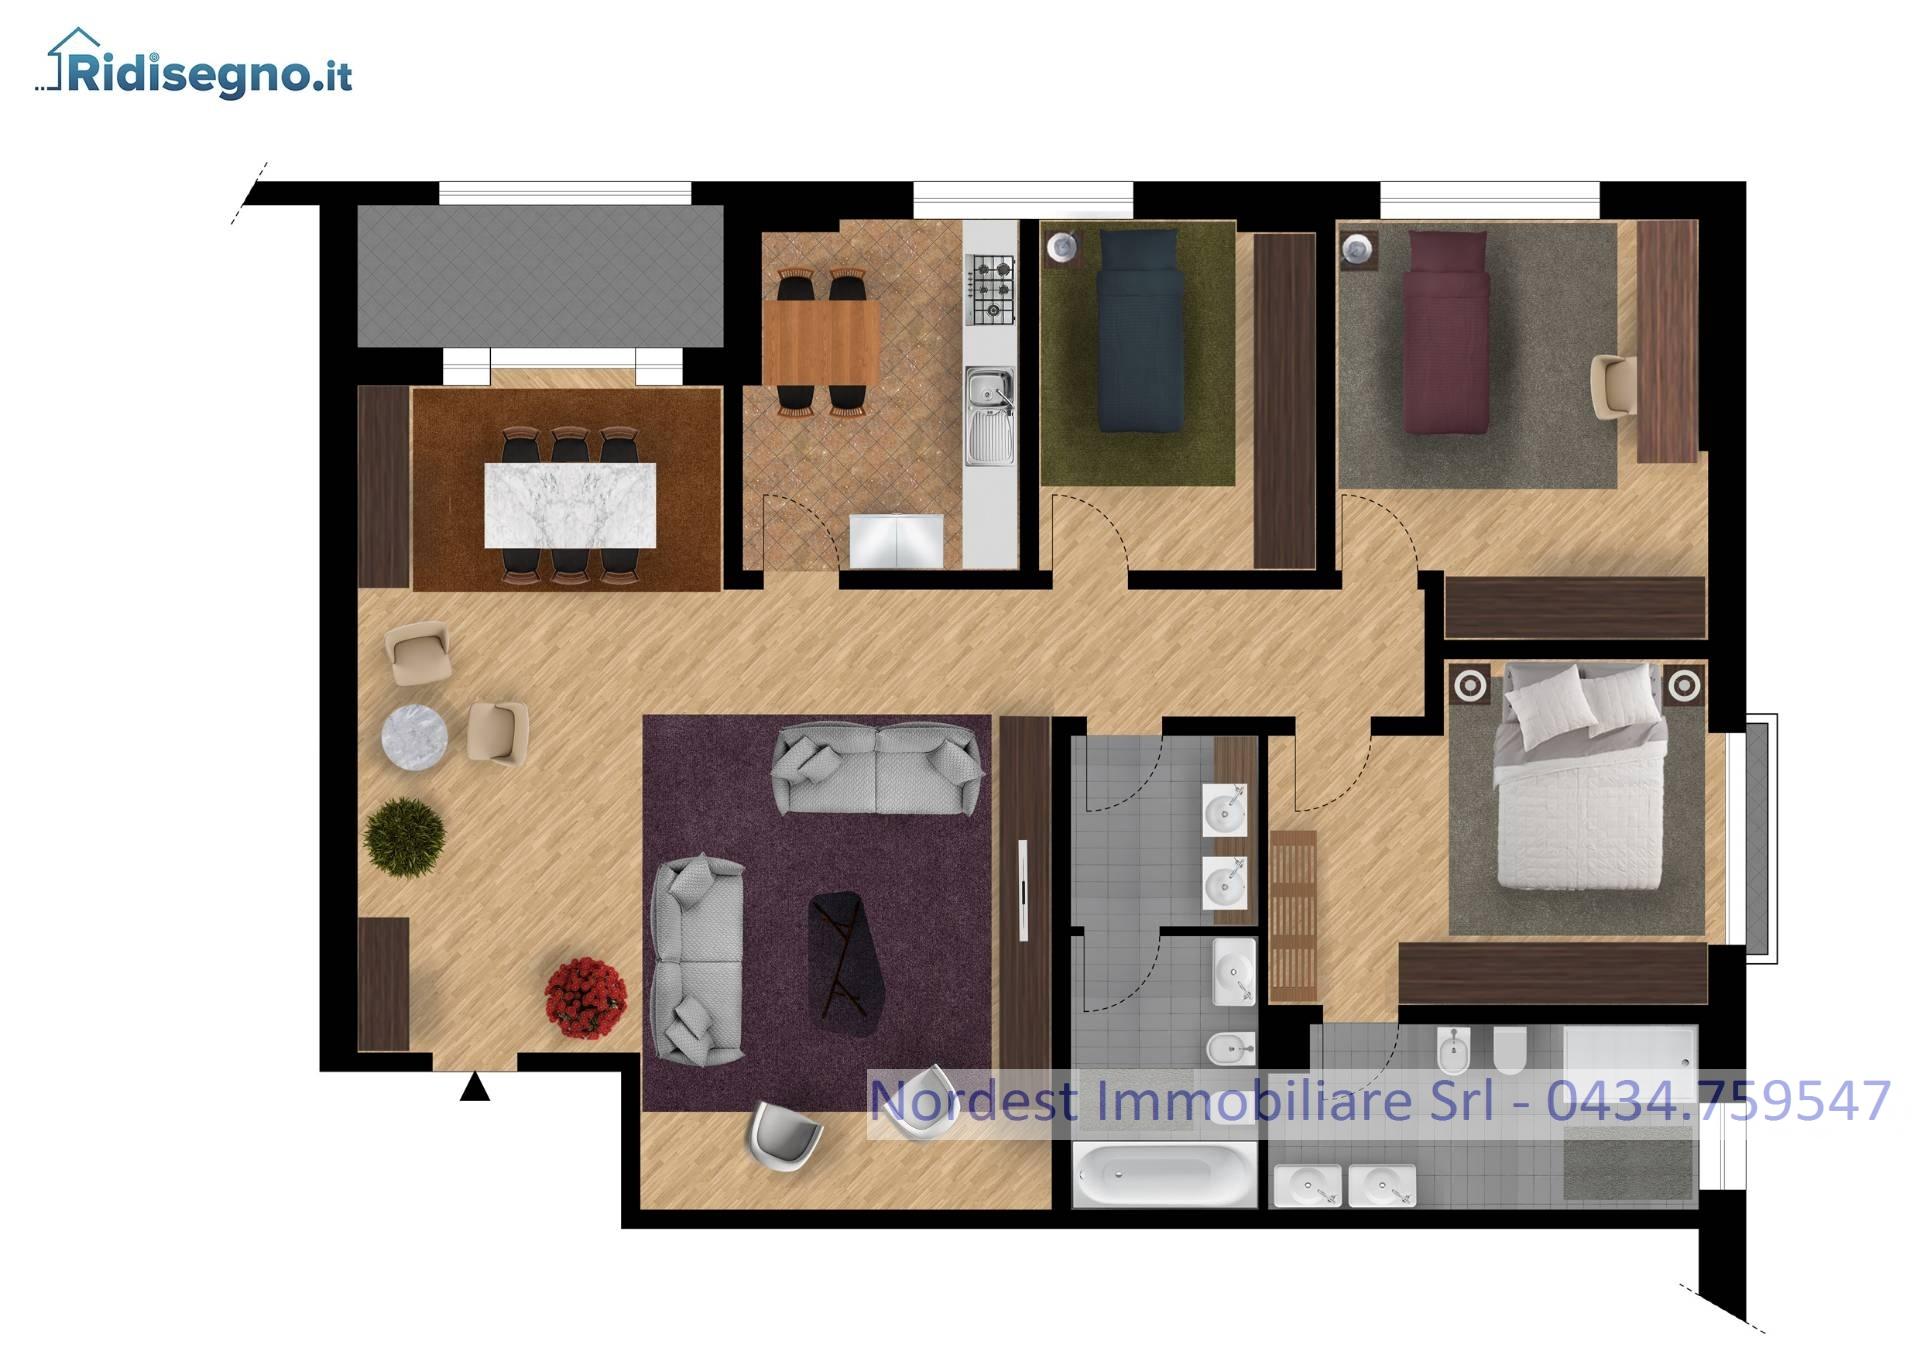 Appartamento in vendita a Gaiarine, 7 locali, prezzo € 135.000 | CambioCasa.it